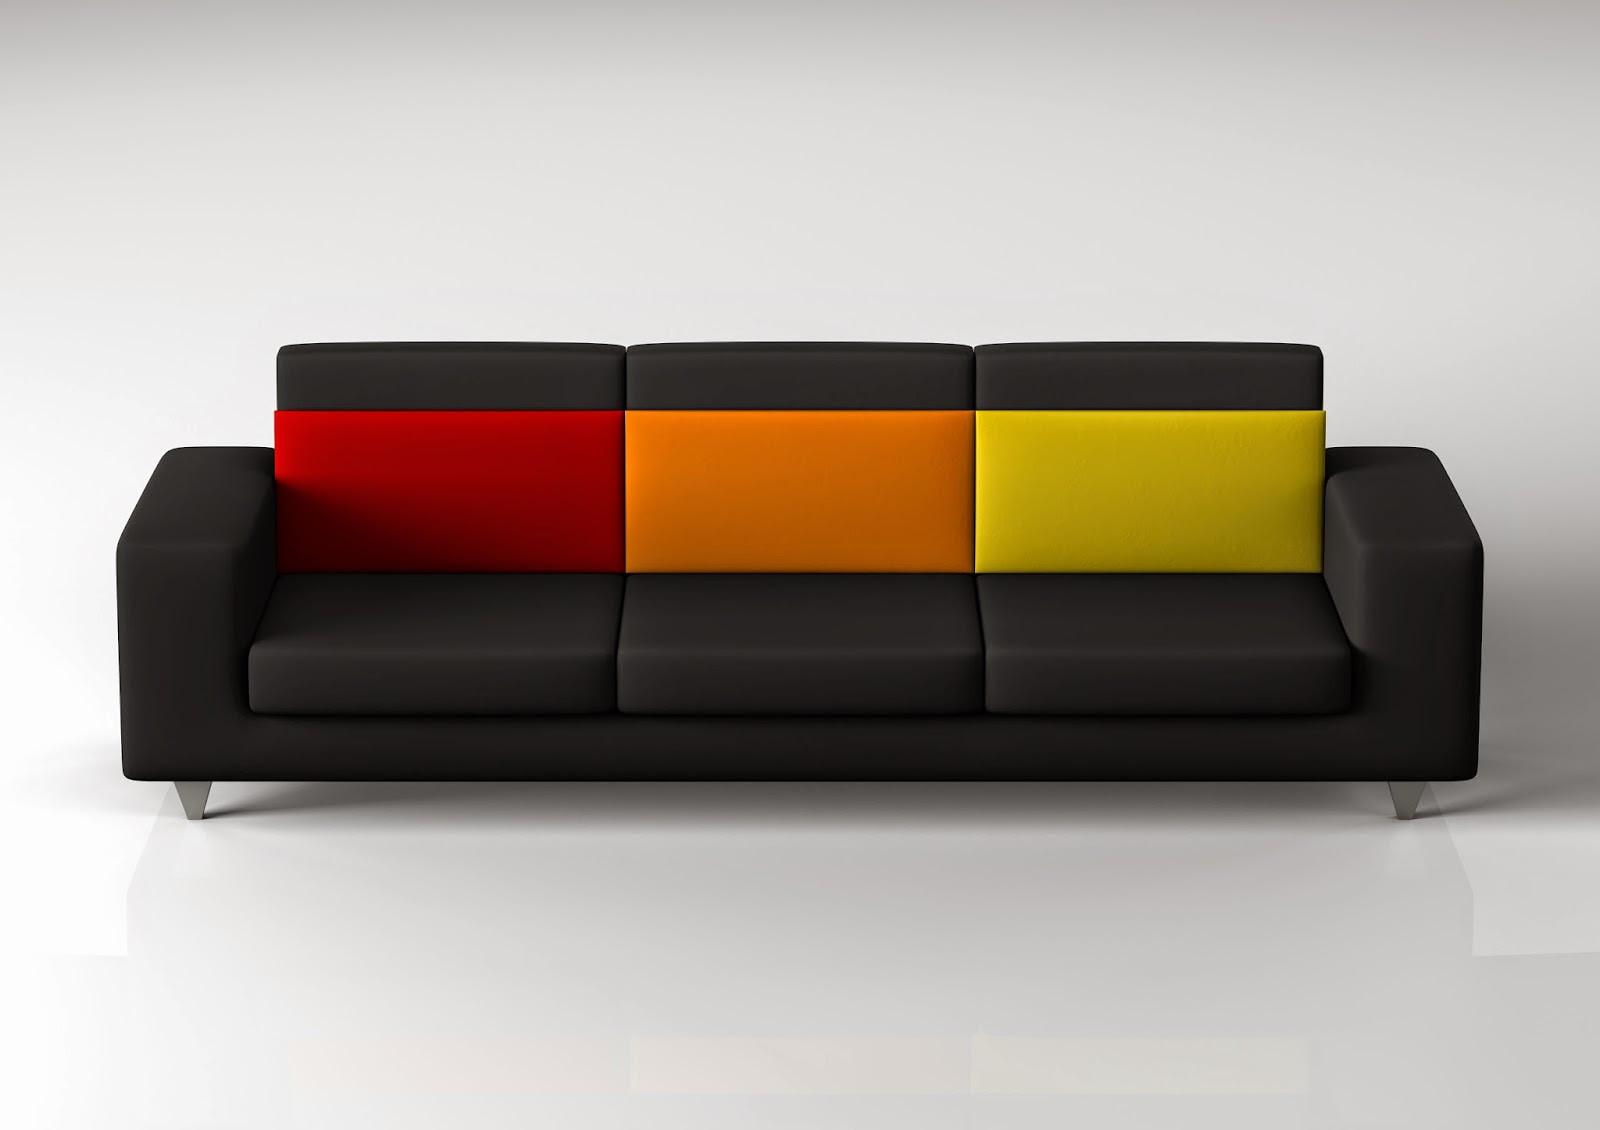 Canapé Julia but Unique Collection S 3 Design Mobilier Design Pas Cherml 2017 12